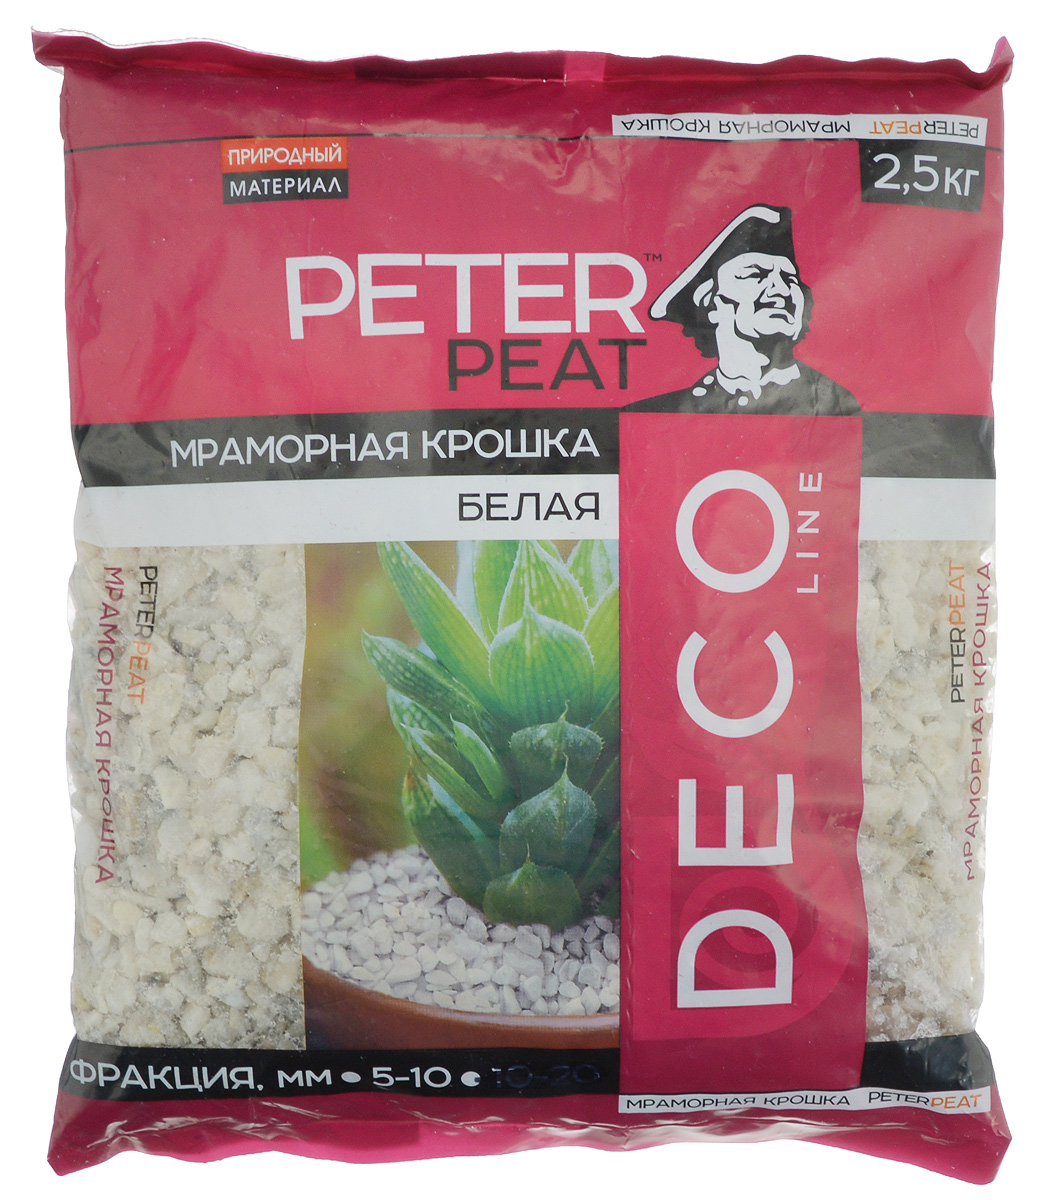 Мраморная крошка Peter Peat, мелкая, цвет: белый, 2,5 кг крошка мраморная окрашенная красная фракция 5 10 мм 10 кг